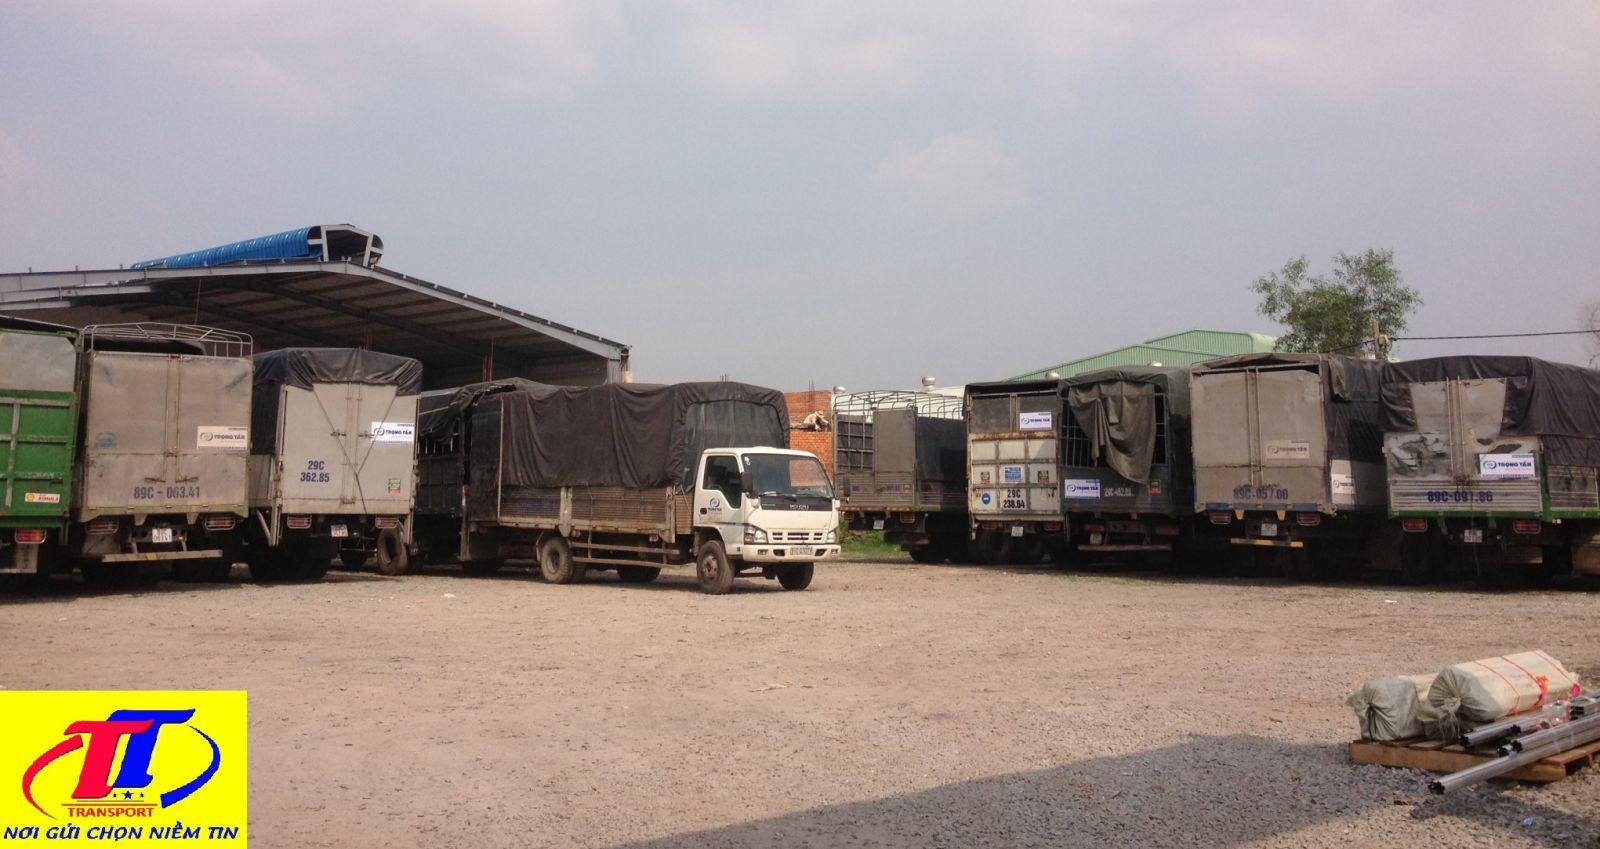 Chành xe đi Bắc Ninh